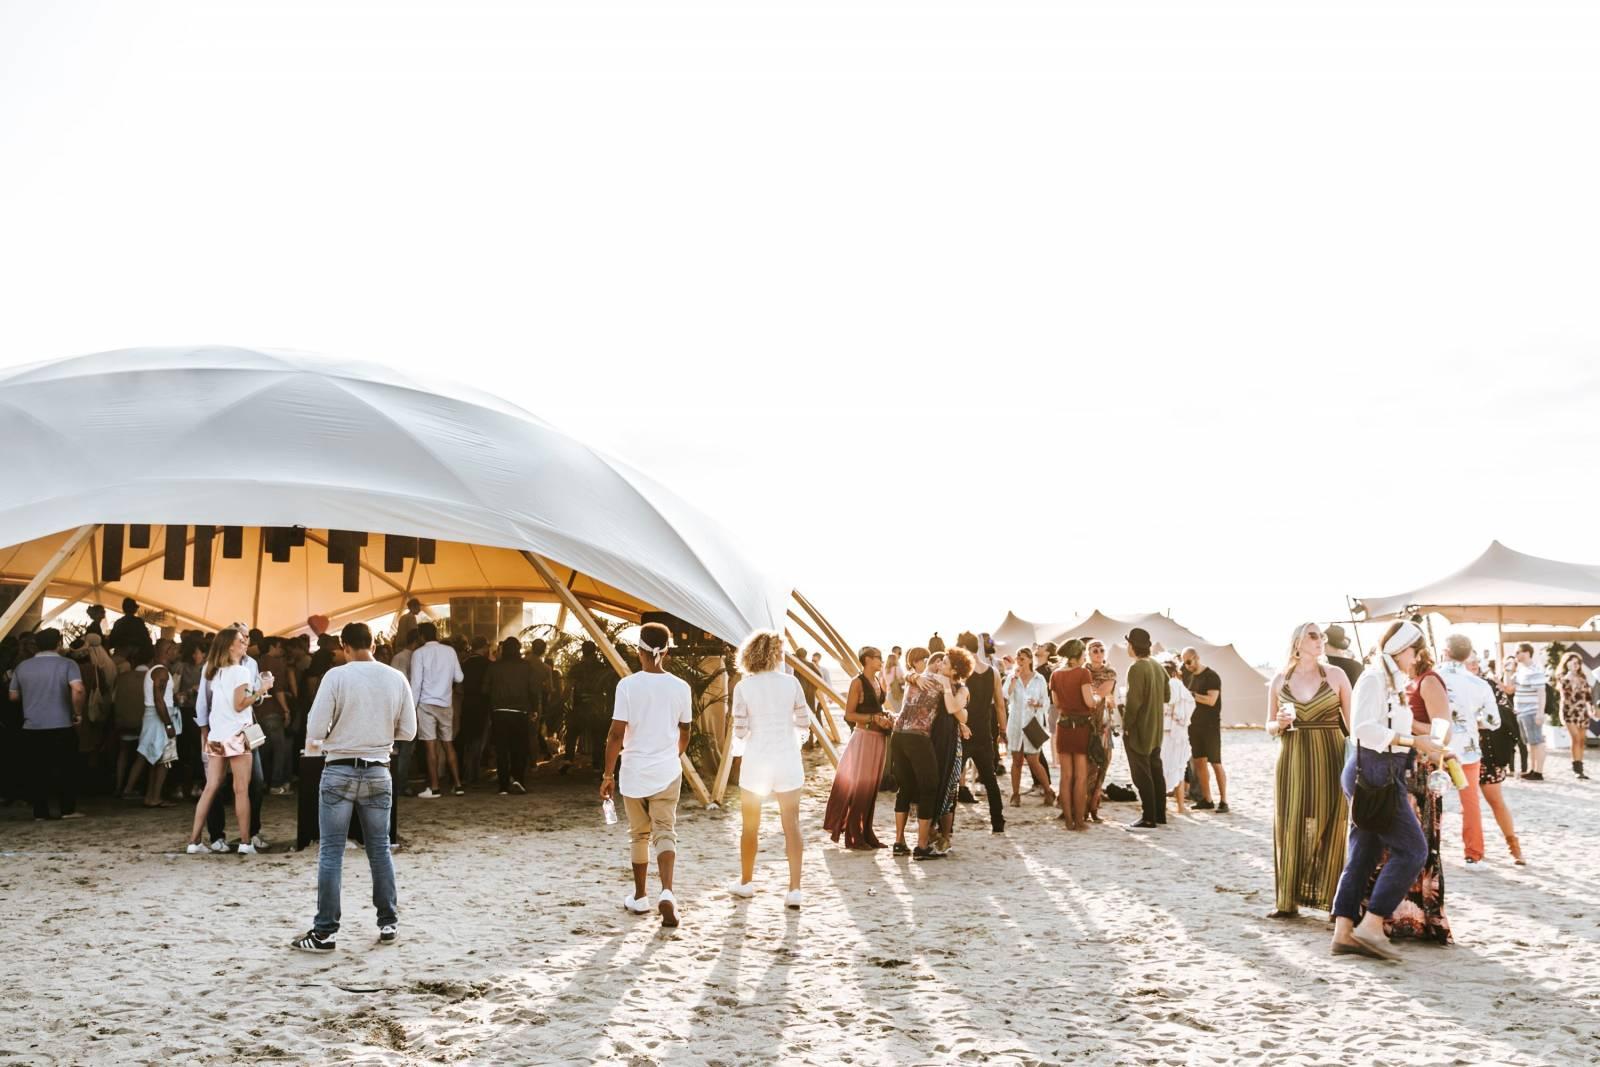 Organic-Concepts - Tenten - Feesttenten - Verhuur Tenten - Wooden Flat Dome - House of Events - 2